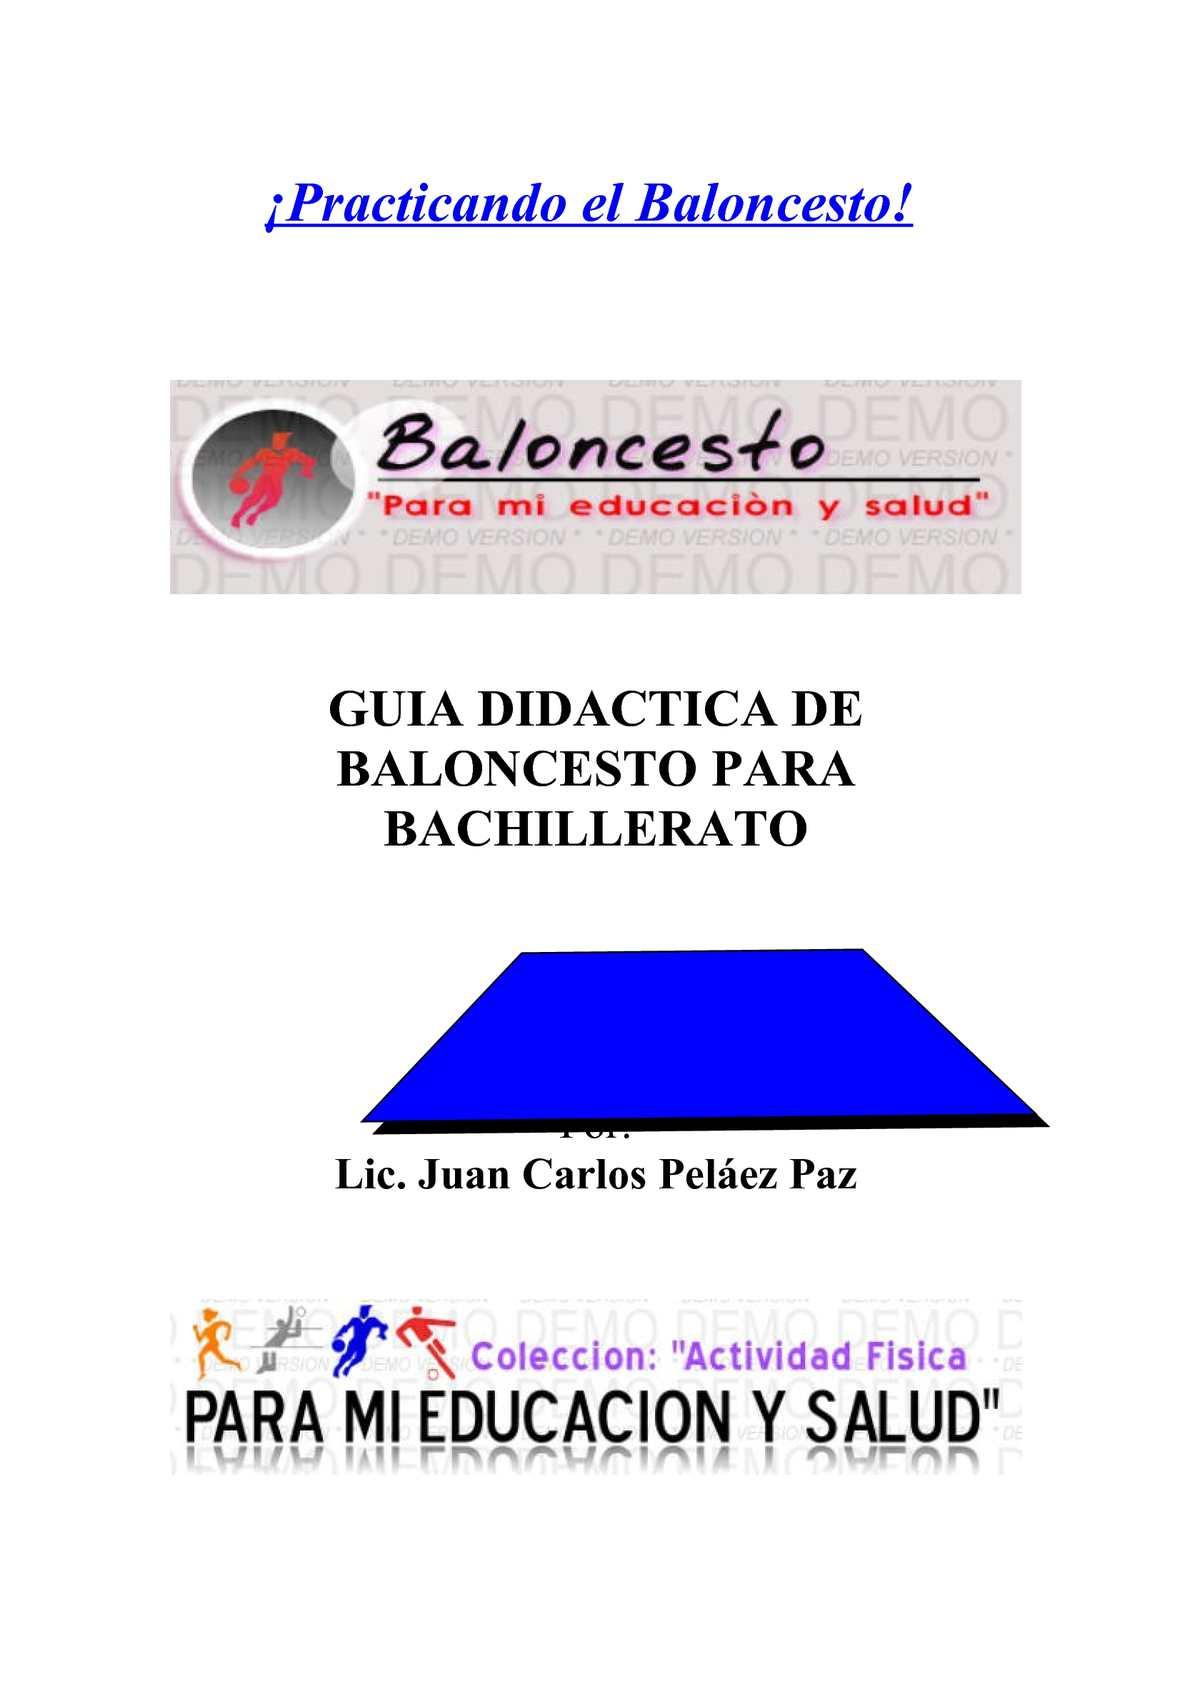 GUIA DIDACTICA DE BALONCESTO PARA BACHILLERATO